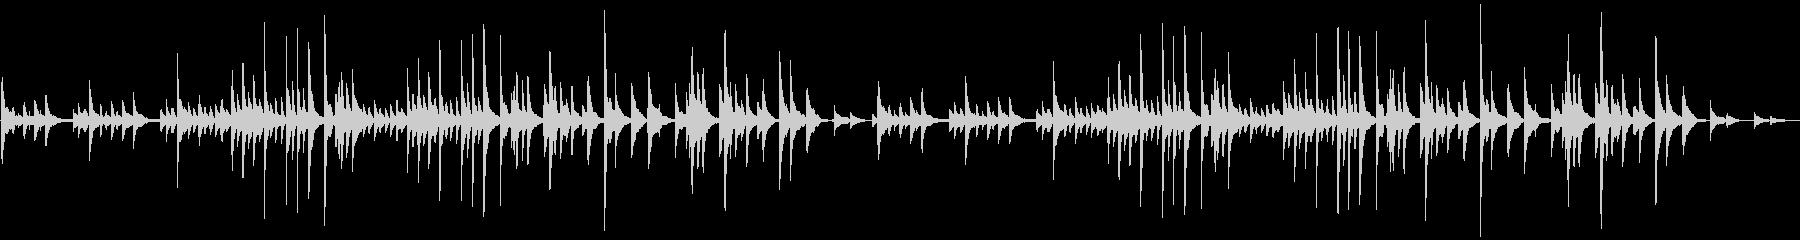 ピアノソロの切ない・悲しいBGMの未再生の波形